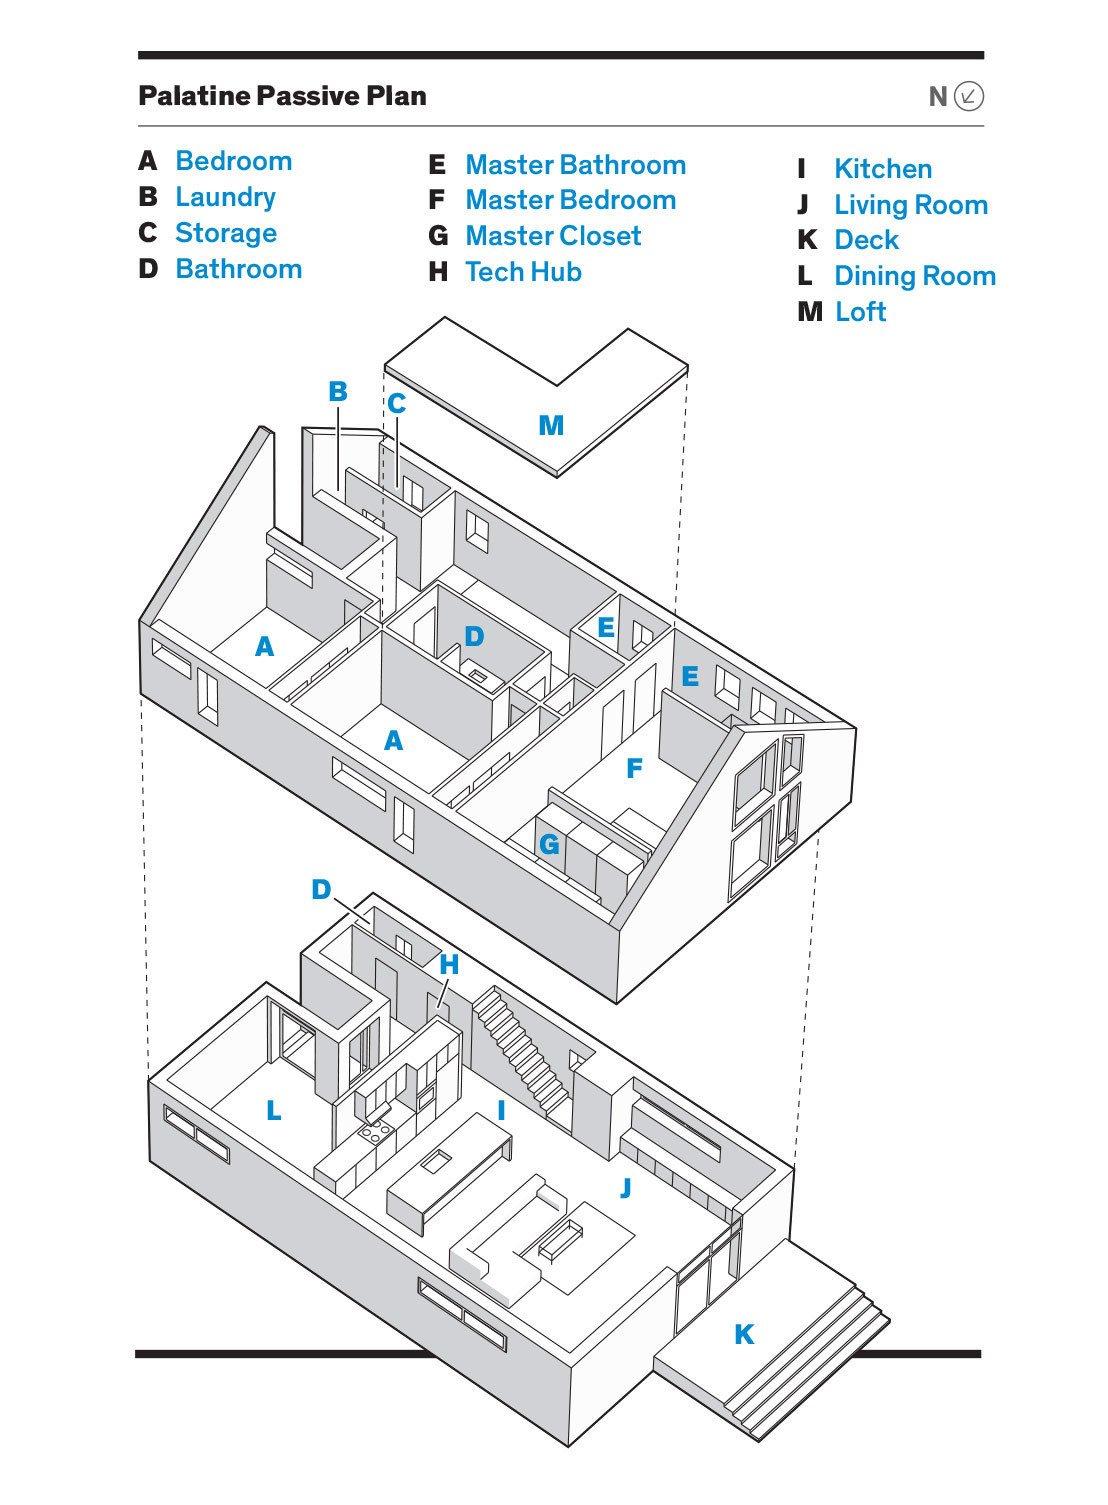 Passive House floorplan